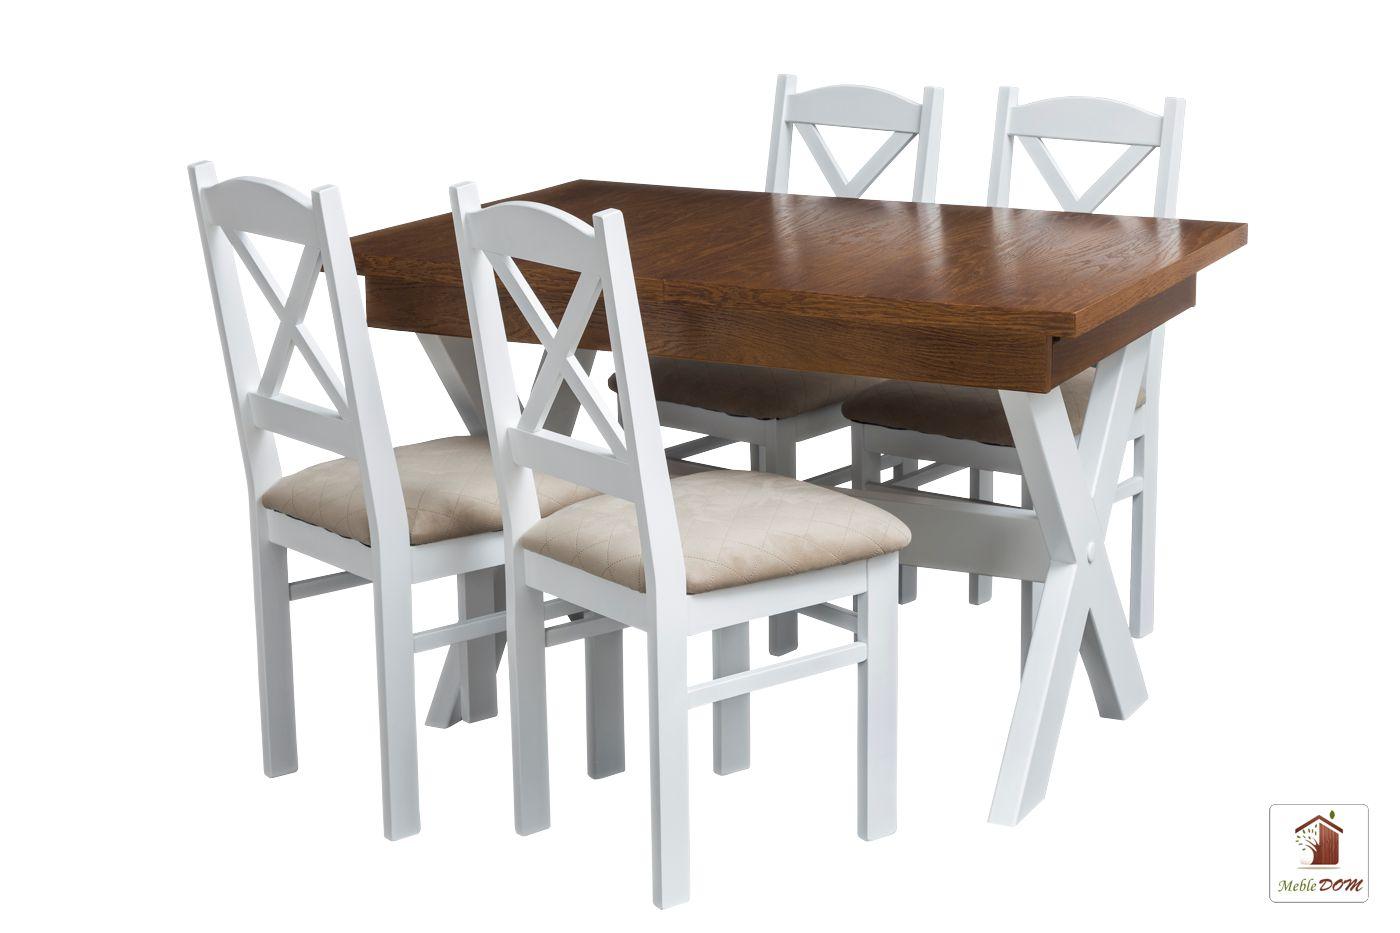 Prostokątny stół rozkładany Malmo 120 lub 140 z krzesłami Nord Mini